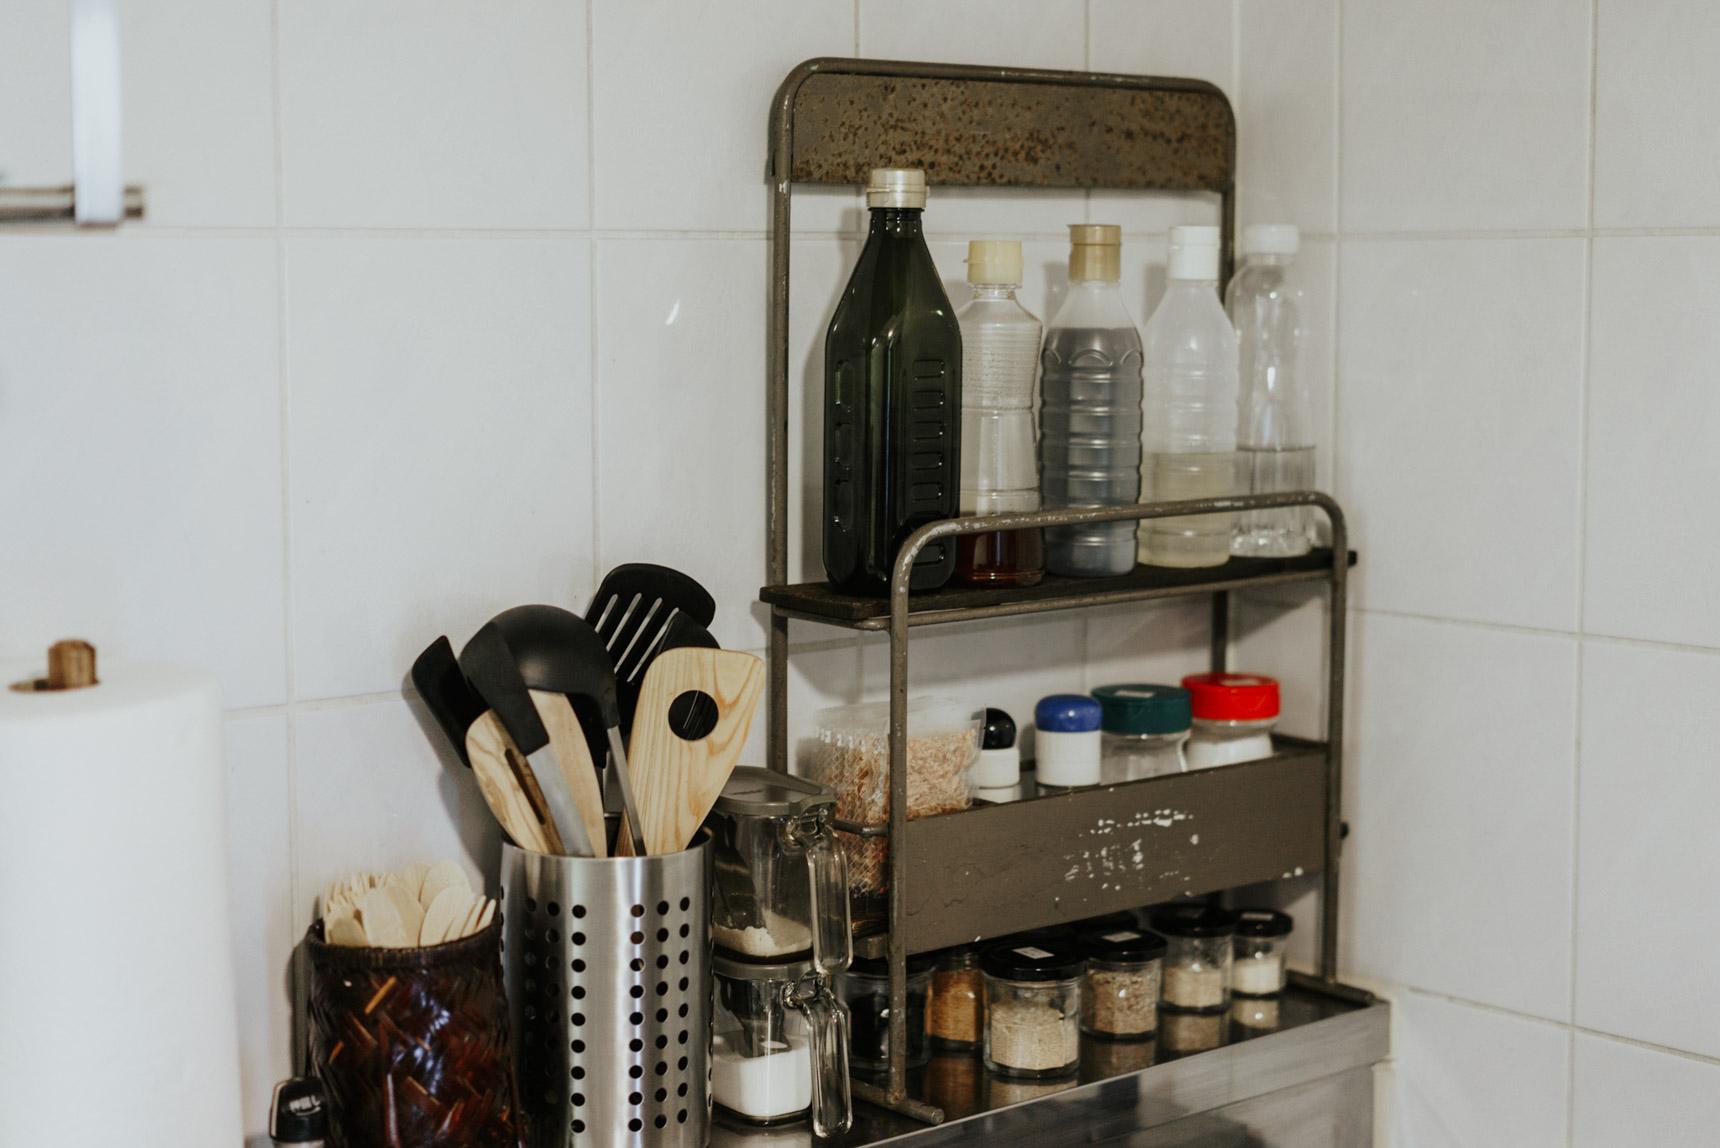 スパイスラックには、アンティークショップで見つけた棚を利用して。